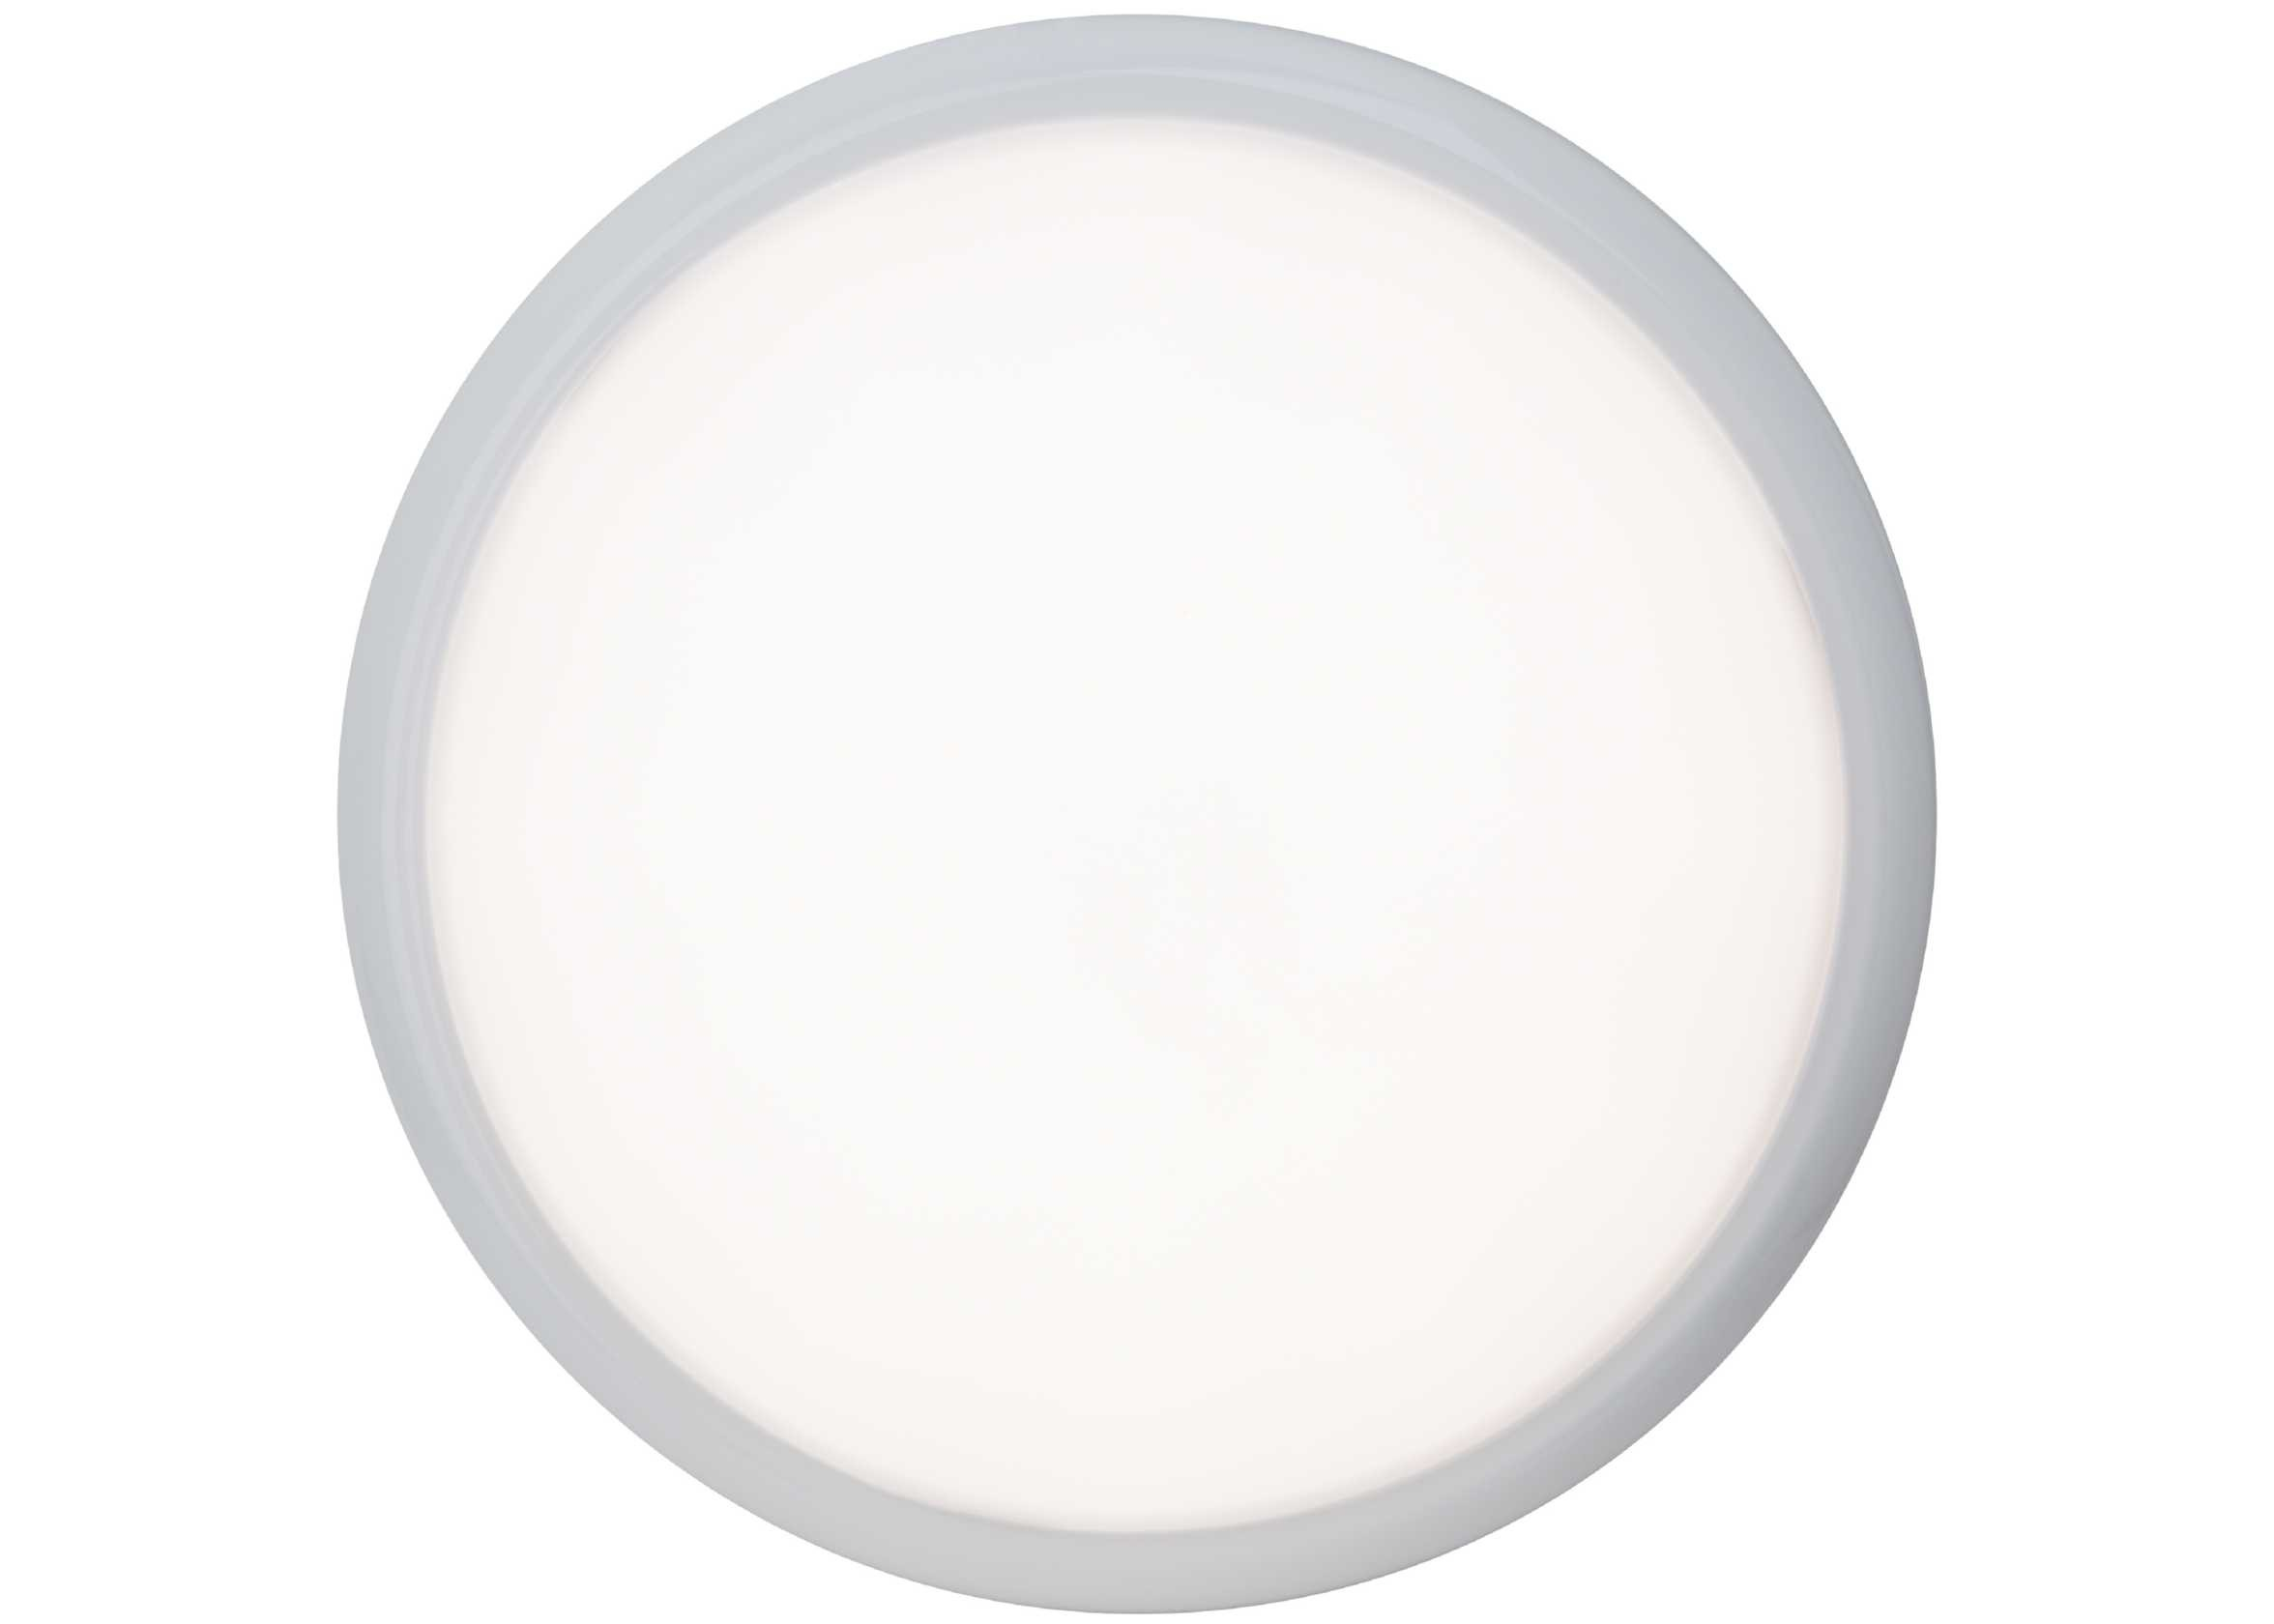 Лампа потолочная или настенная Vigor LEDПотолочные светильники<br>&amp;lt;div&amp;gt;&amp;lt;div&amp;gt;Цоколь:&amp;amp;nbsp;&amp;lt;span style=&amp;quot;line-height: 24.9999px;&amp;quot;&amp;gt;LED&amp;lt;/span&amp;gt;&amp;lt;/div&amp;gt;&amp;lt;div&amp;gt;Мощность лампы: 15W&amp;lt;/div&amp;gt;&amp;lt;div&amp;gt;Количество ламп: 1&amp;lt;/div&amp;gt;&amp;lt;div&amp;gt;&amp;lt;span style=&amp;quot;line-height: 24.9999px;&amp;quot;&amp;gt;Наличие ламп:&amp;amp;nbsp;&amp;lt;/span&amp;gt;&amp;lt;span style=&amp;quot;line-height: 24.9999px;&amp;quot;&amp;gt;в комплекте&amp;lt;/span&amp;gt;&amp;lt;br&amp;gt;&amp;lt;/div&amp;gt;&amp;lt;/div&amp;gt;&amp;lt;div&amp;gt;&amp;lt;br&amp;gt;&amp;lt;/div&amp;gt;&amp;lt;br&amp;gt;<br><br>Material: Пластик<br>Высота см: 7